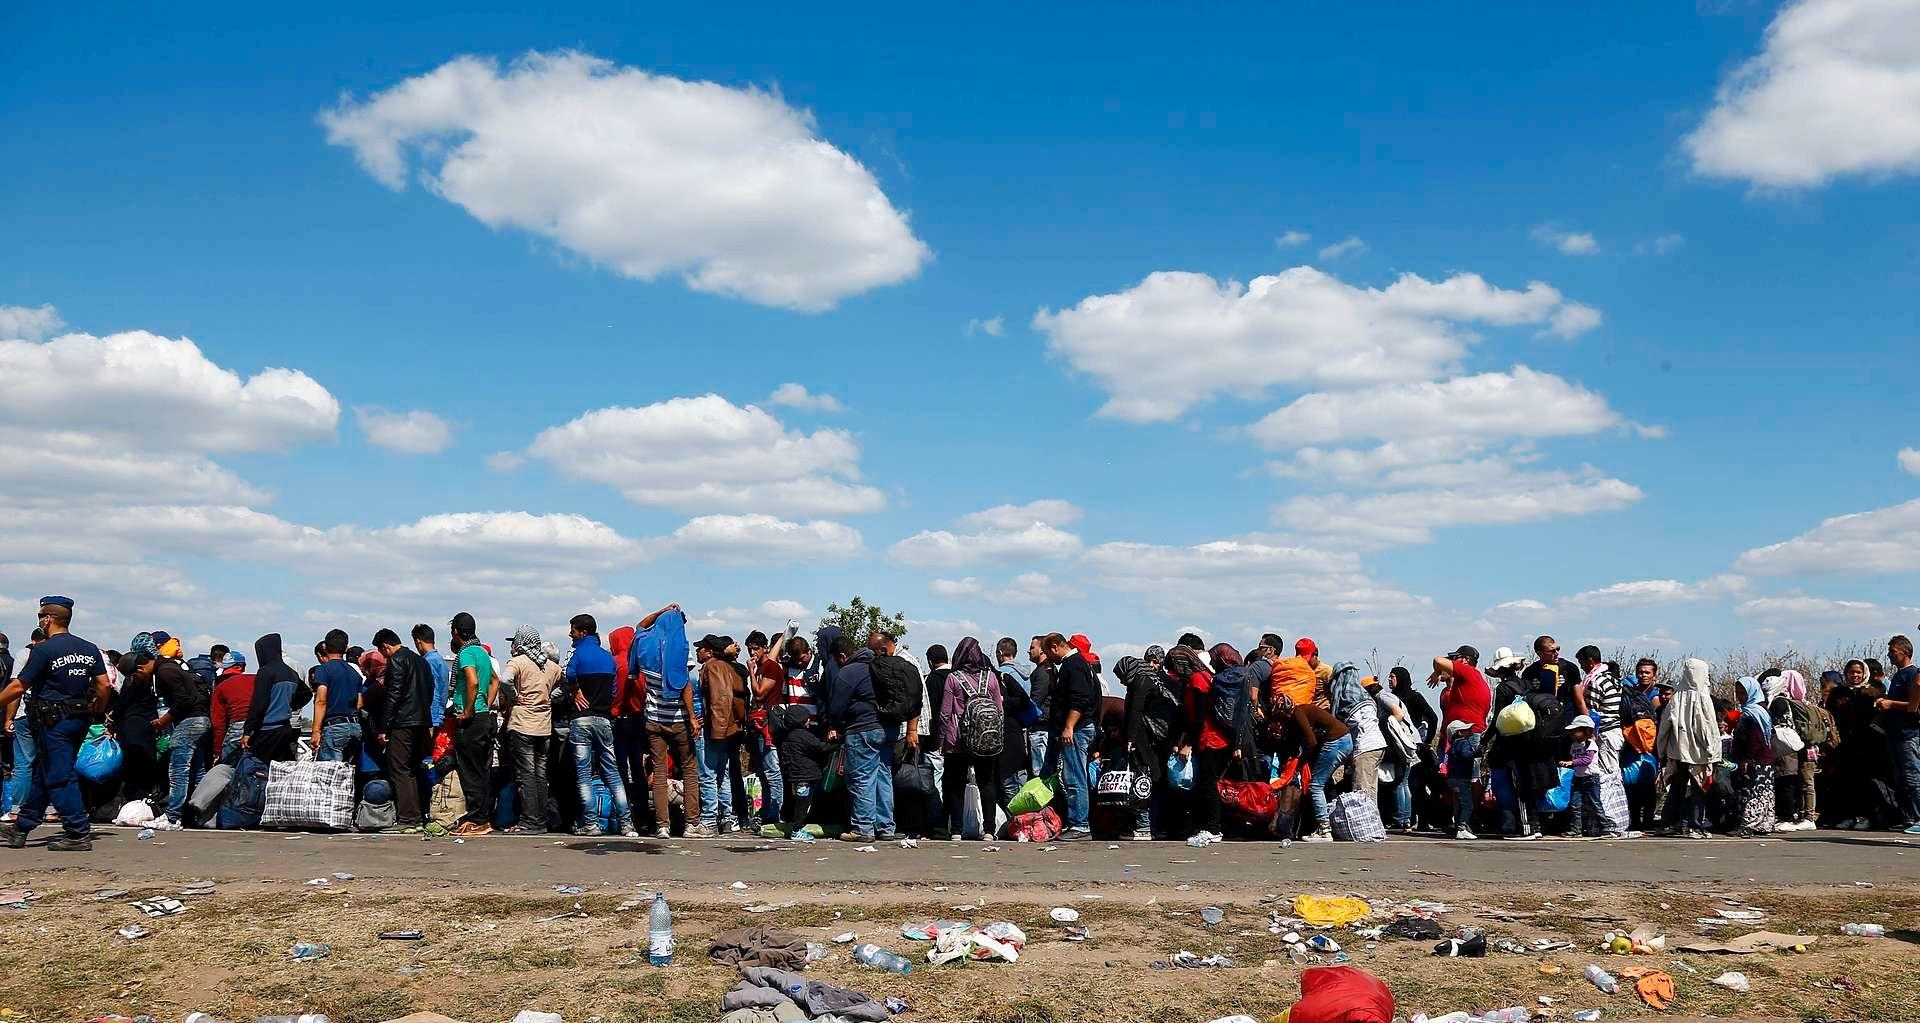 Teltleir for tre millioner mennesker står tom i landet som